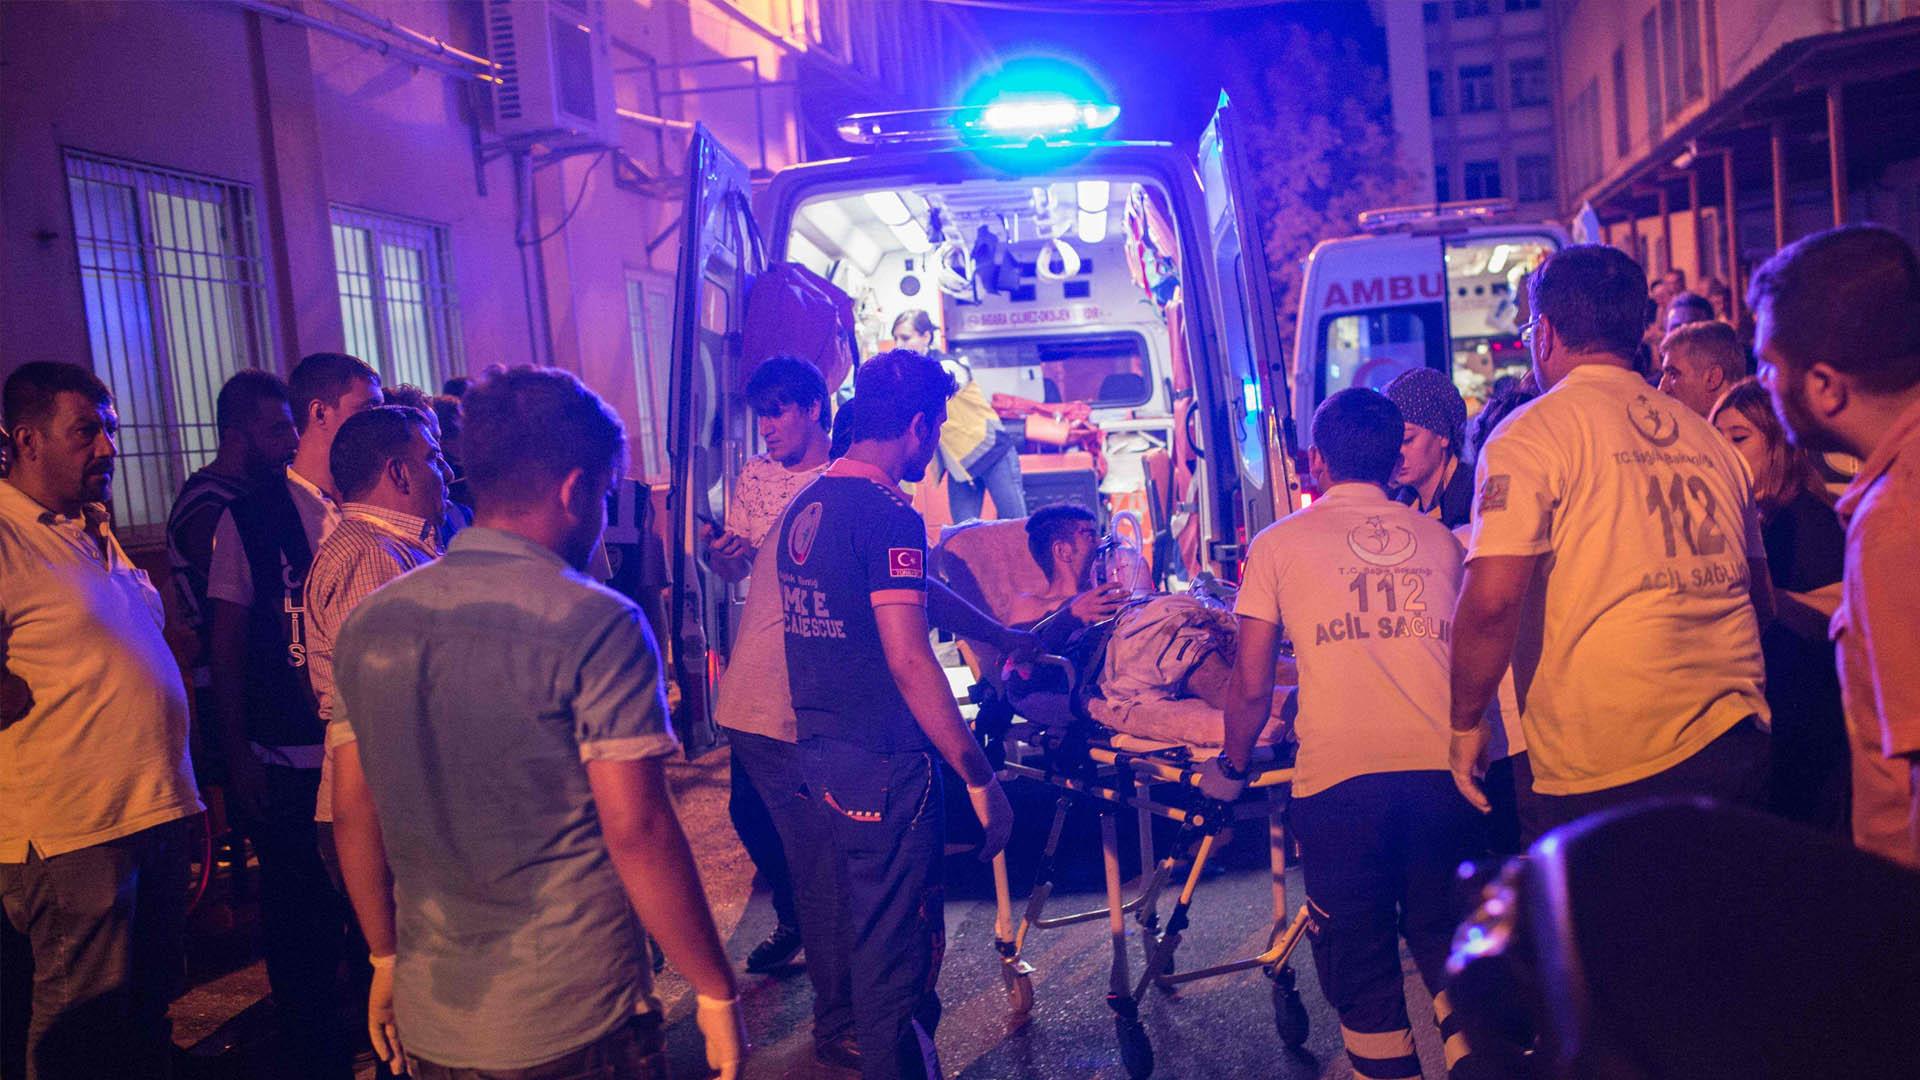 Un atacante, presuntamente vinculado con el EI, accionó una bomba en el salón de fiestas de una boda